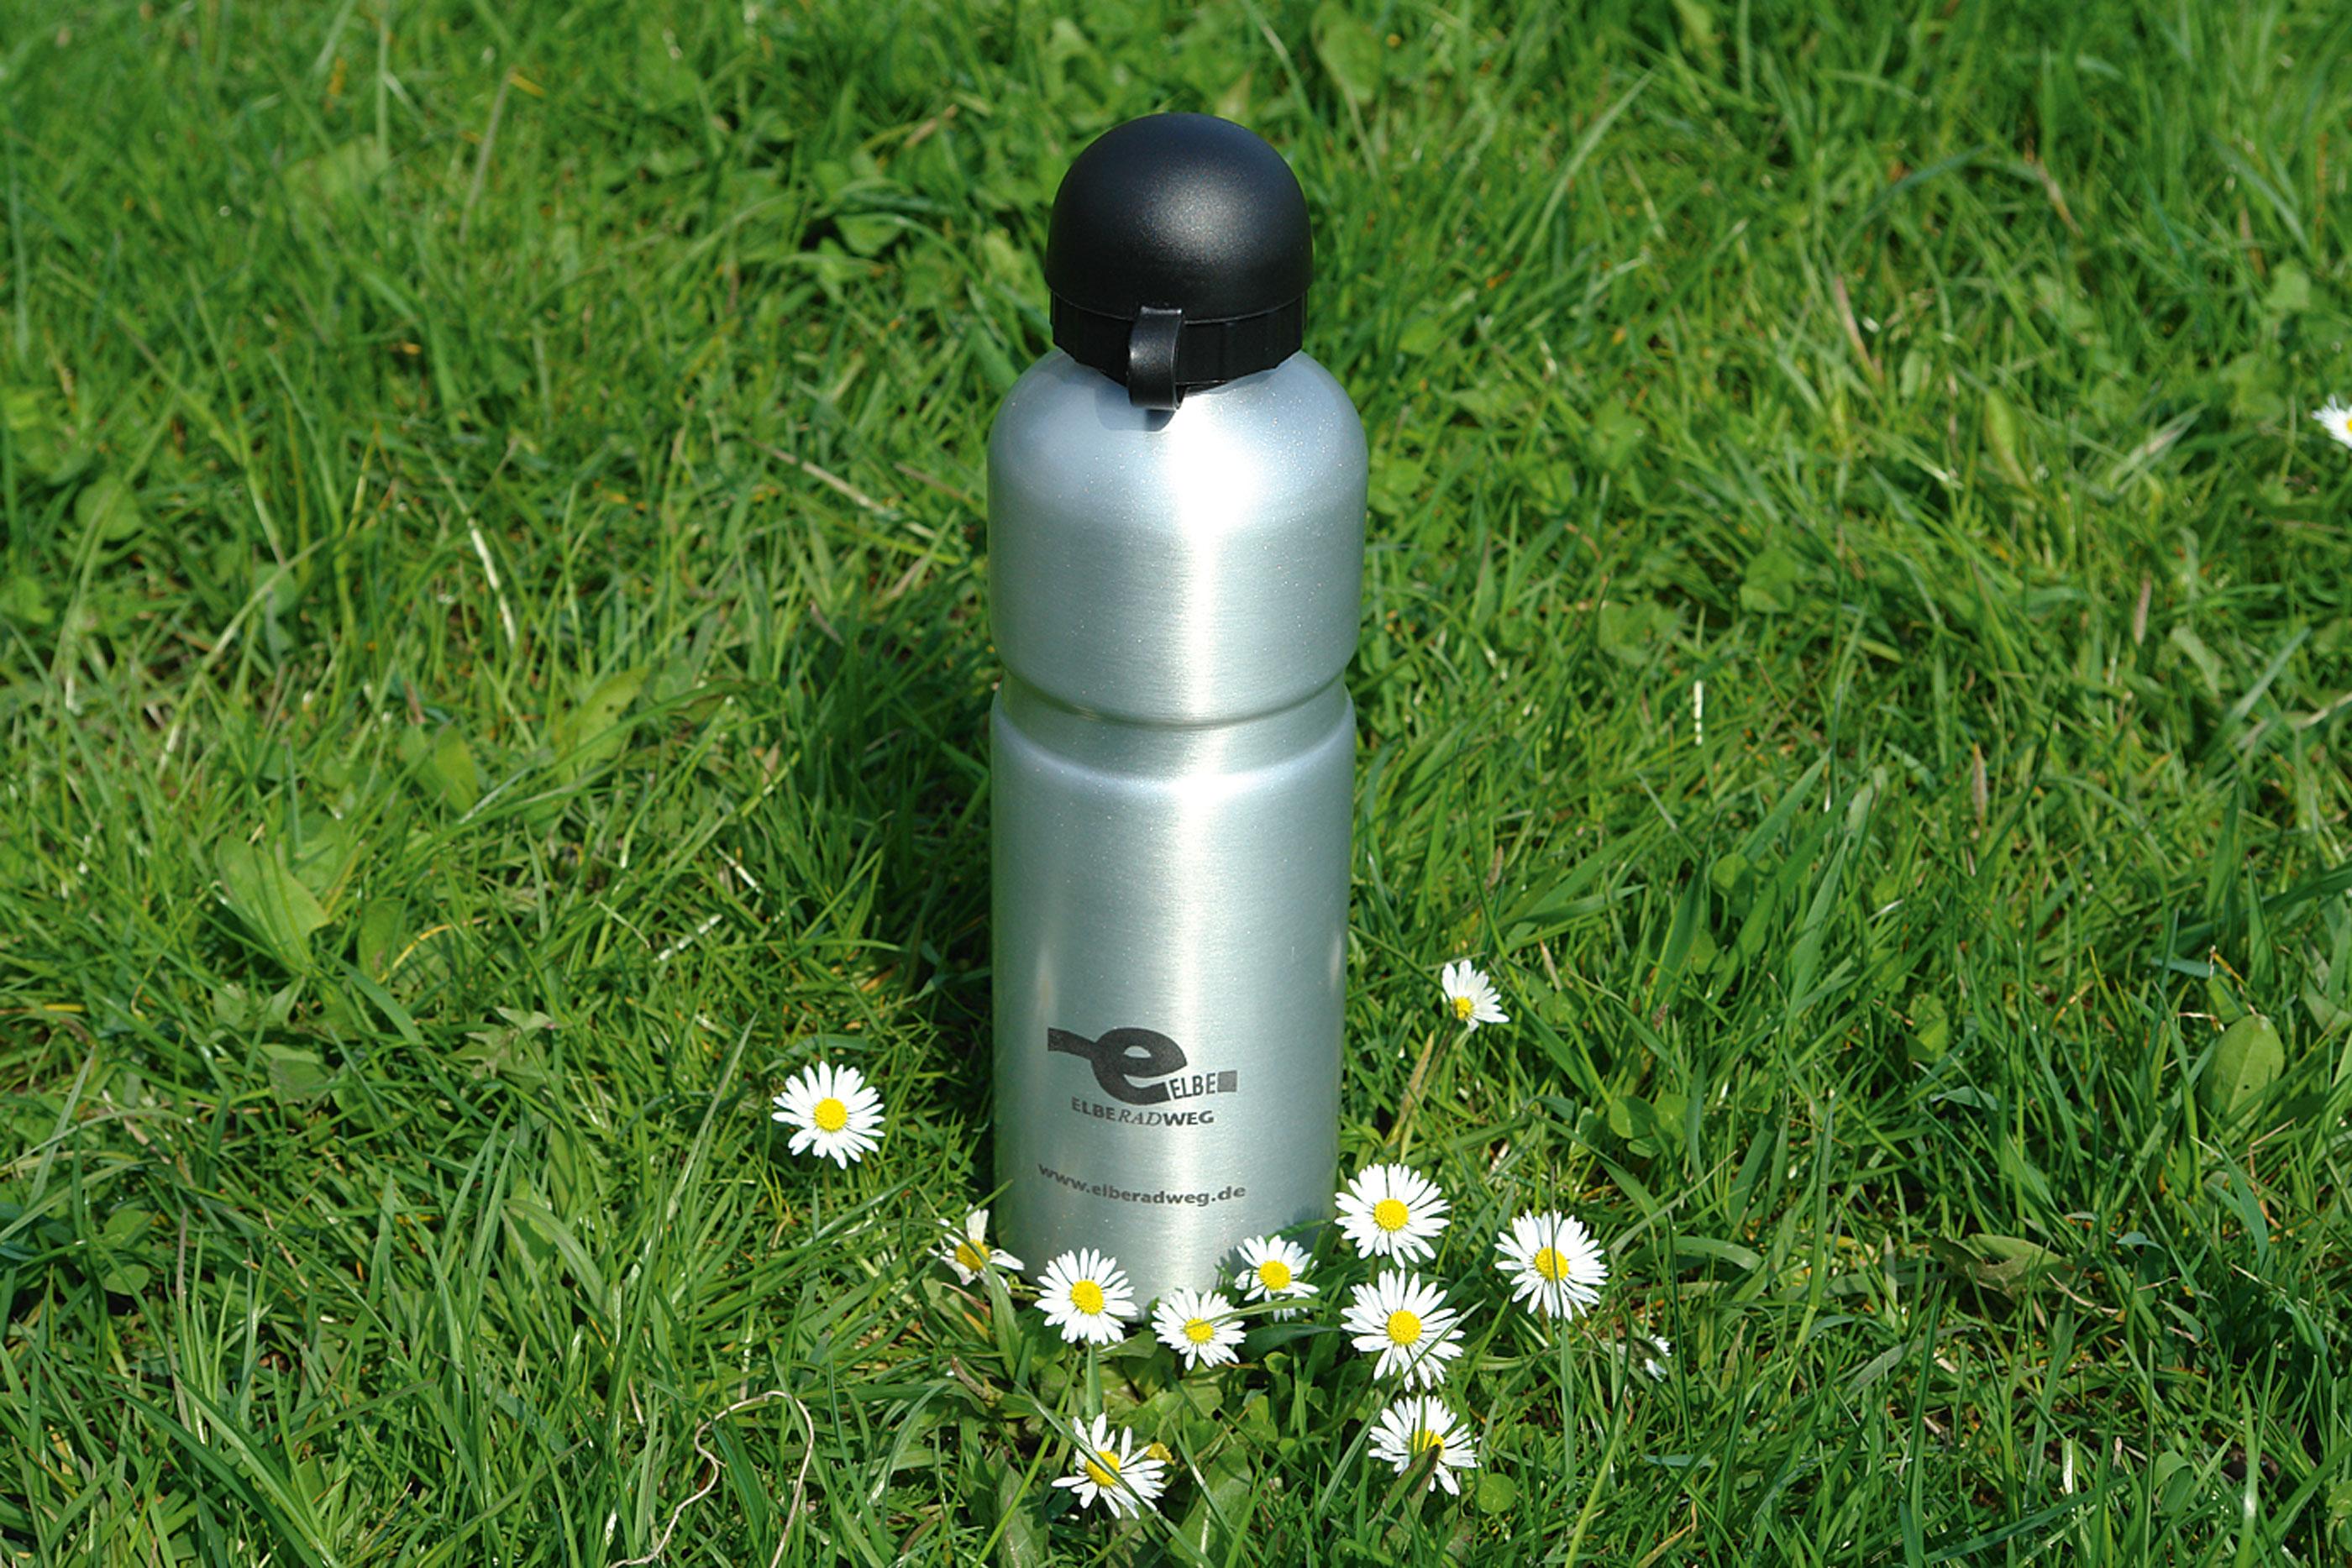 Trinkflasche mit Elberadweg Logo